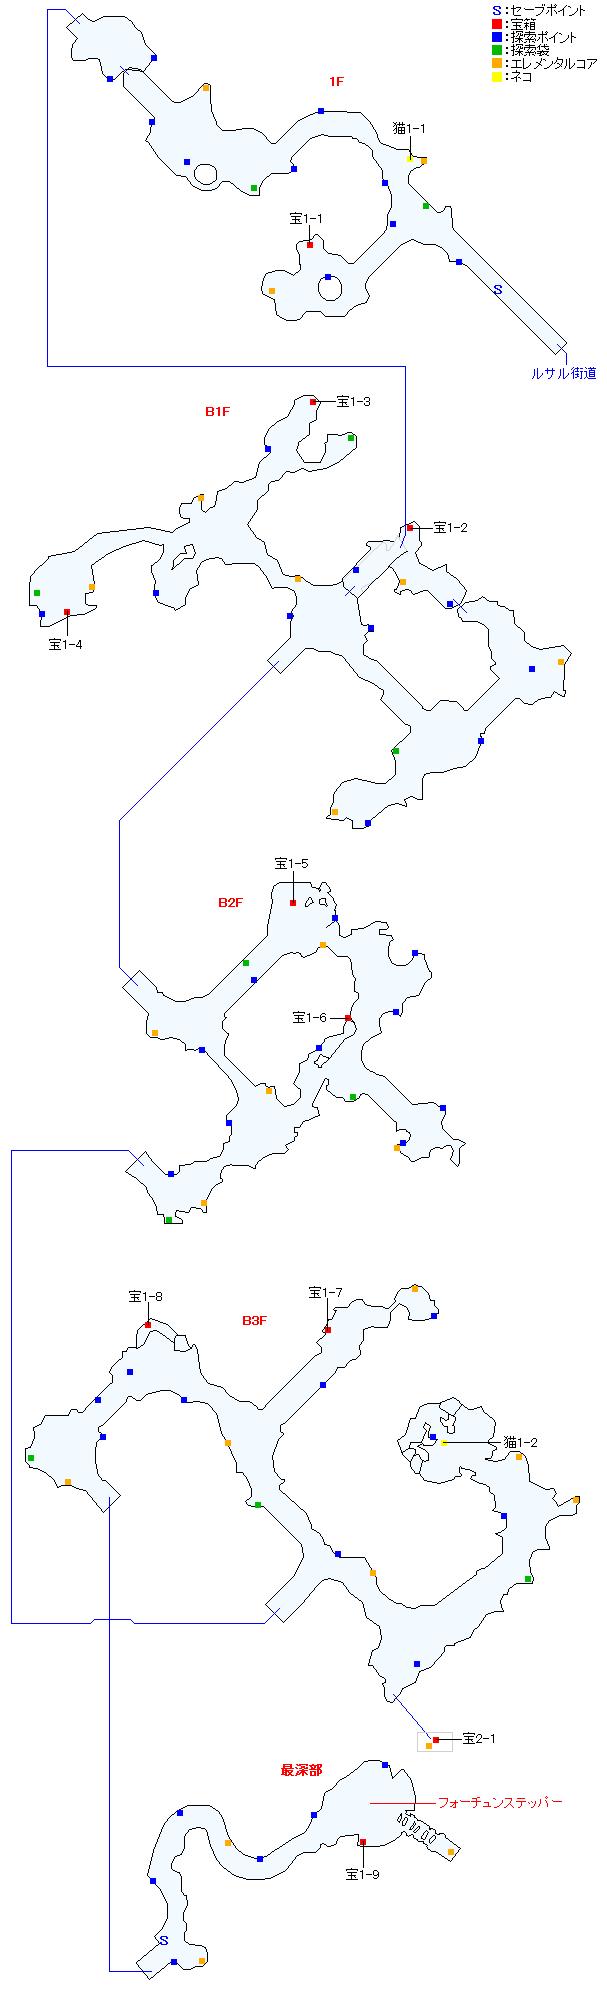 マップ画像・タタール冥穴(正史世界)